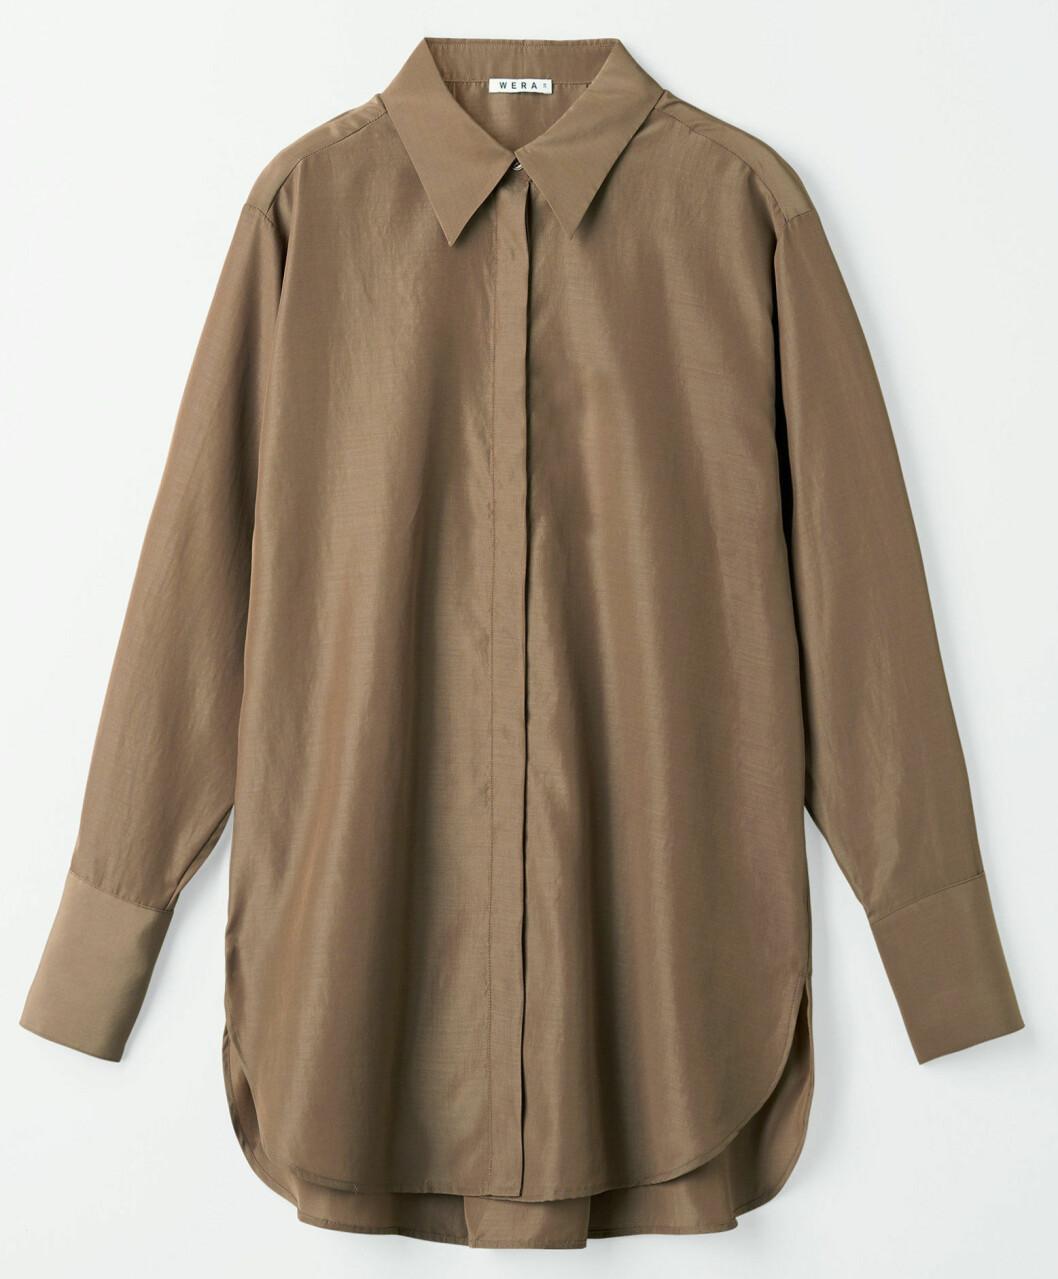 Oversized och avslappnad skjorta från Wera.